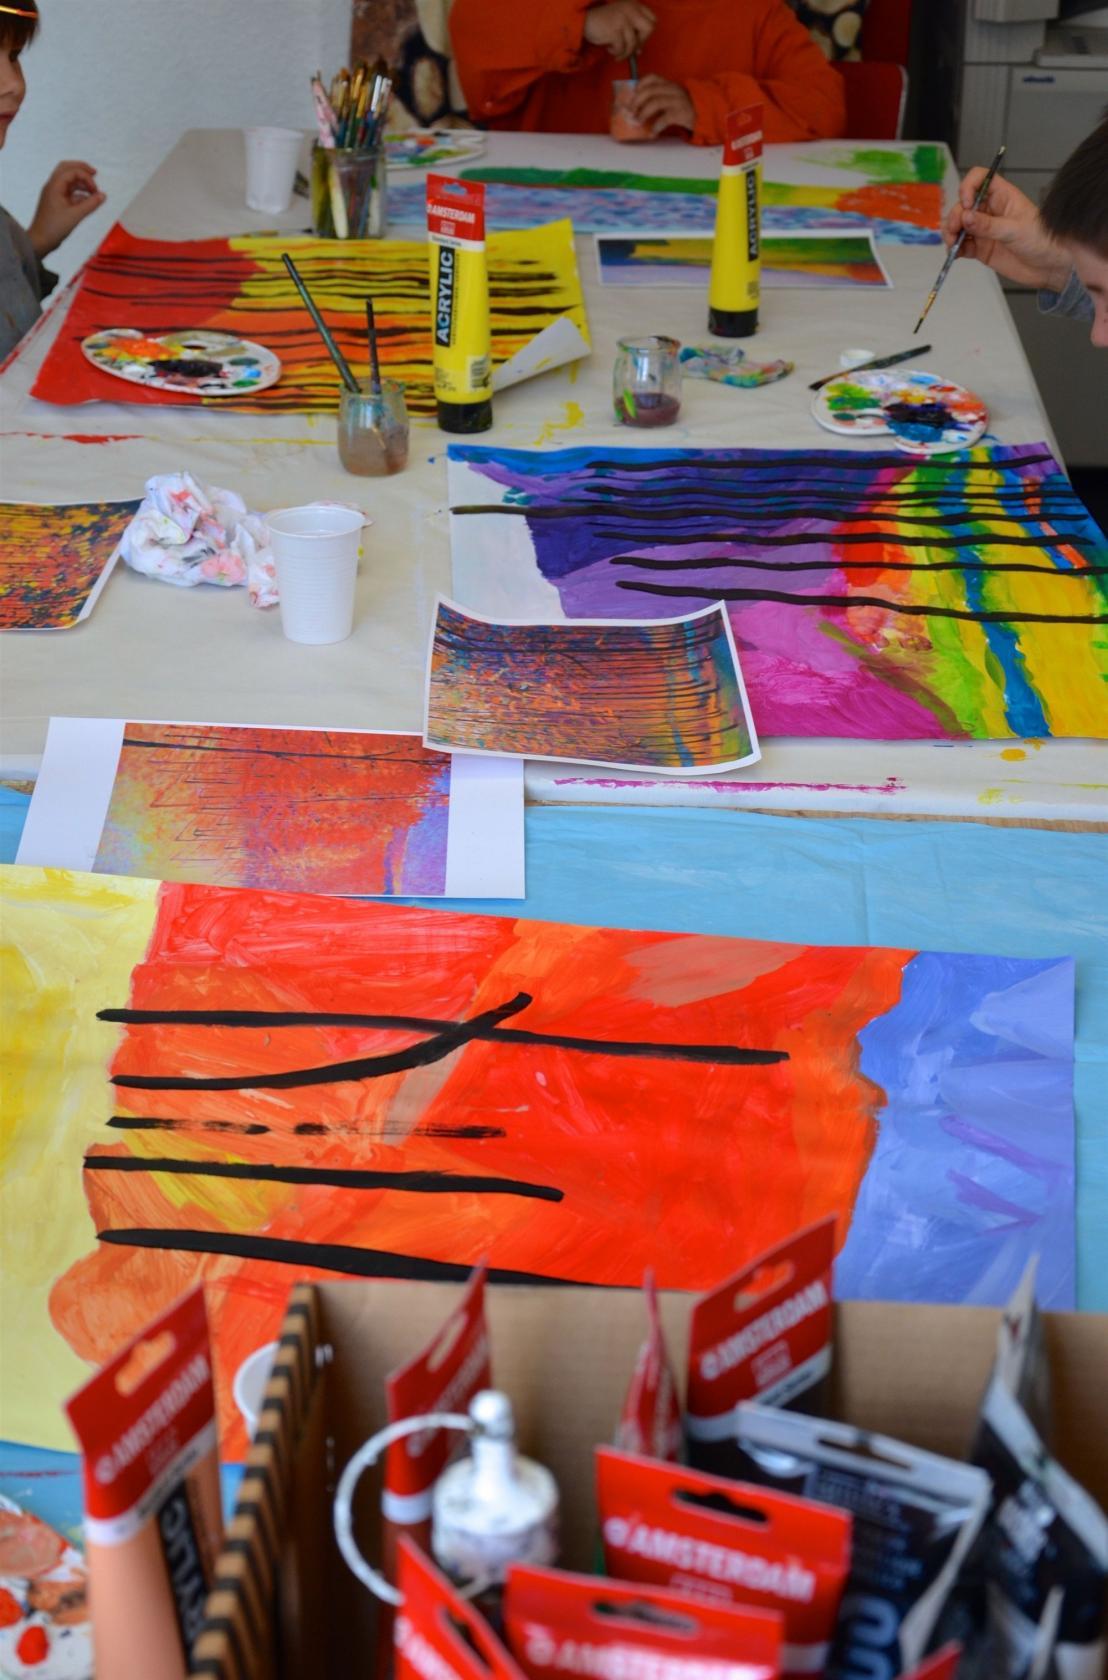 Ateliers d'arts plastiques enfants 3-6 ans Rennes